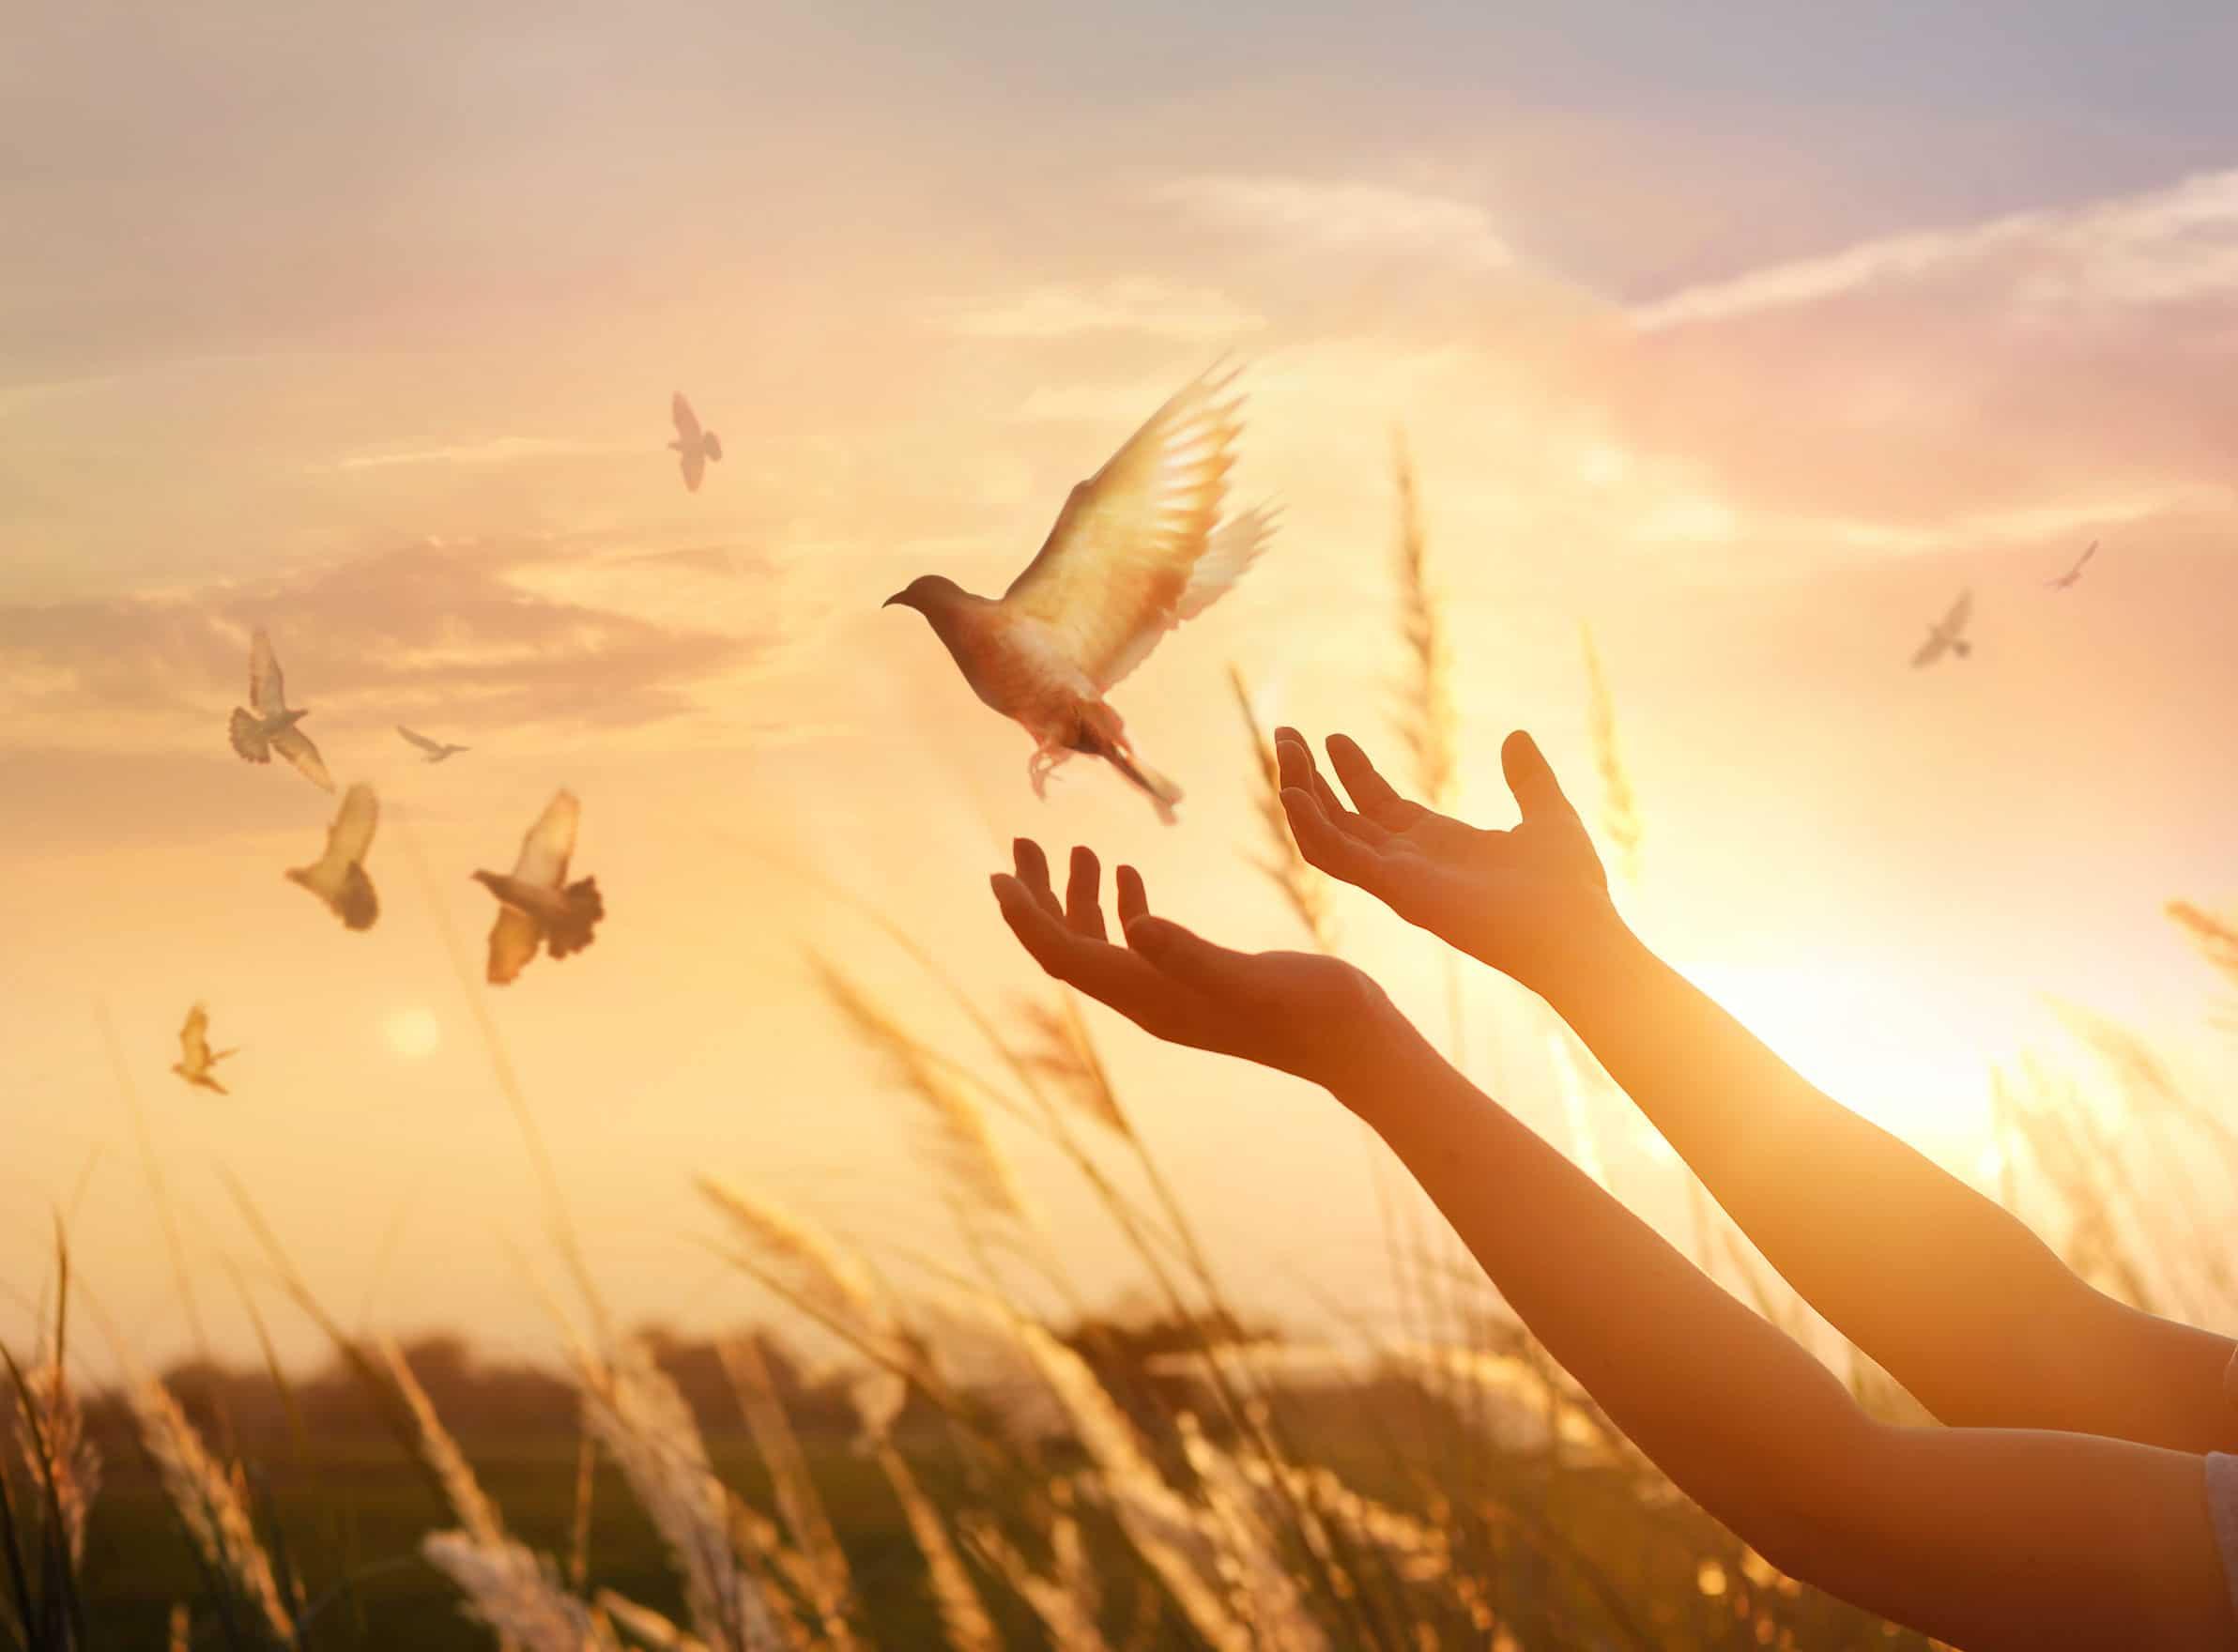 Mãos humanas libertando uma pomba na natureza.